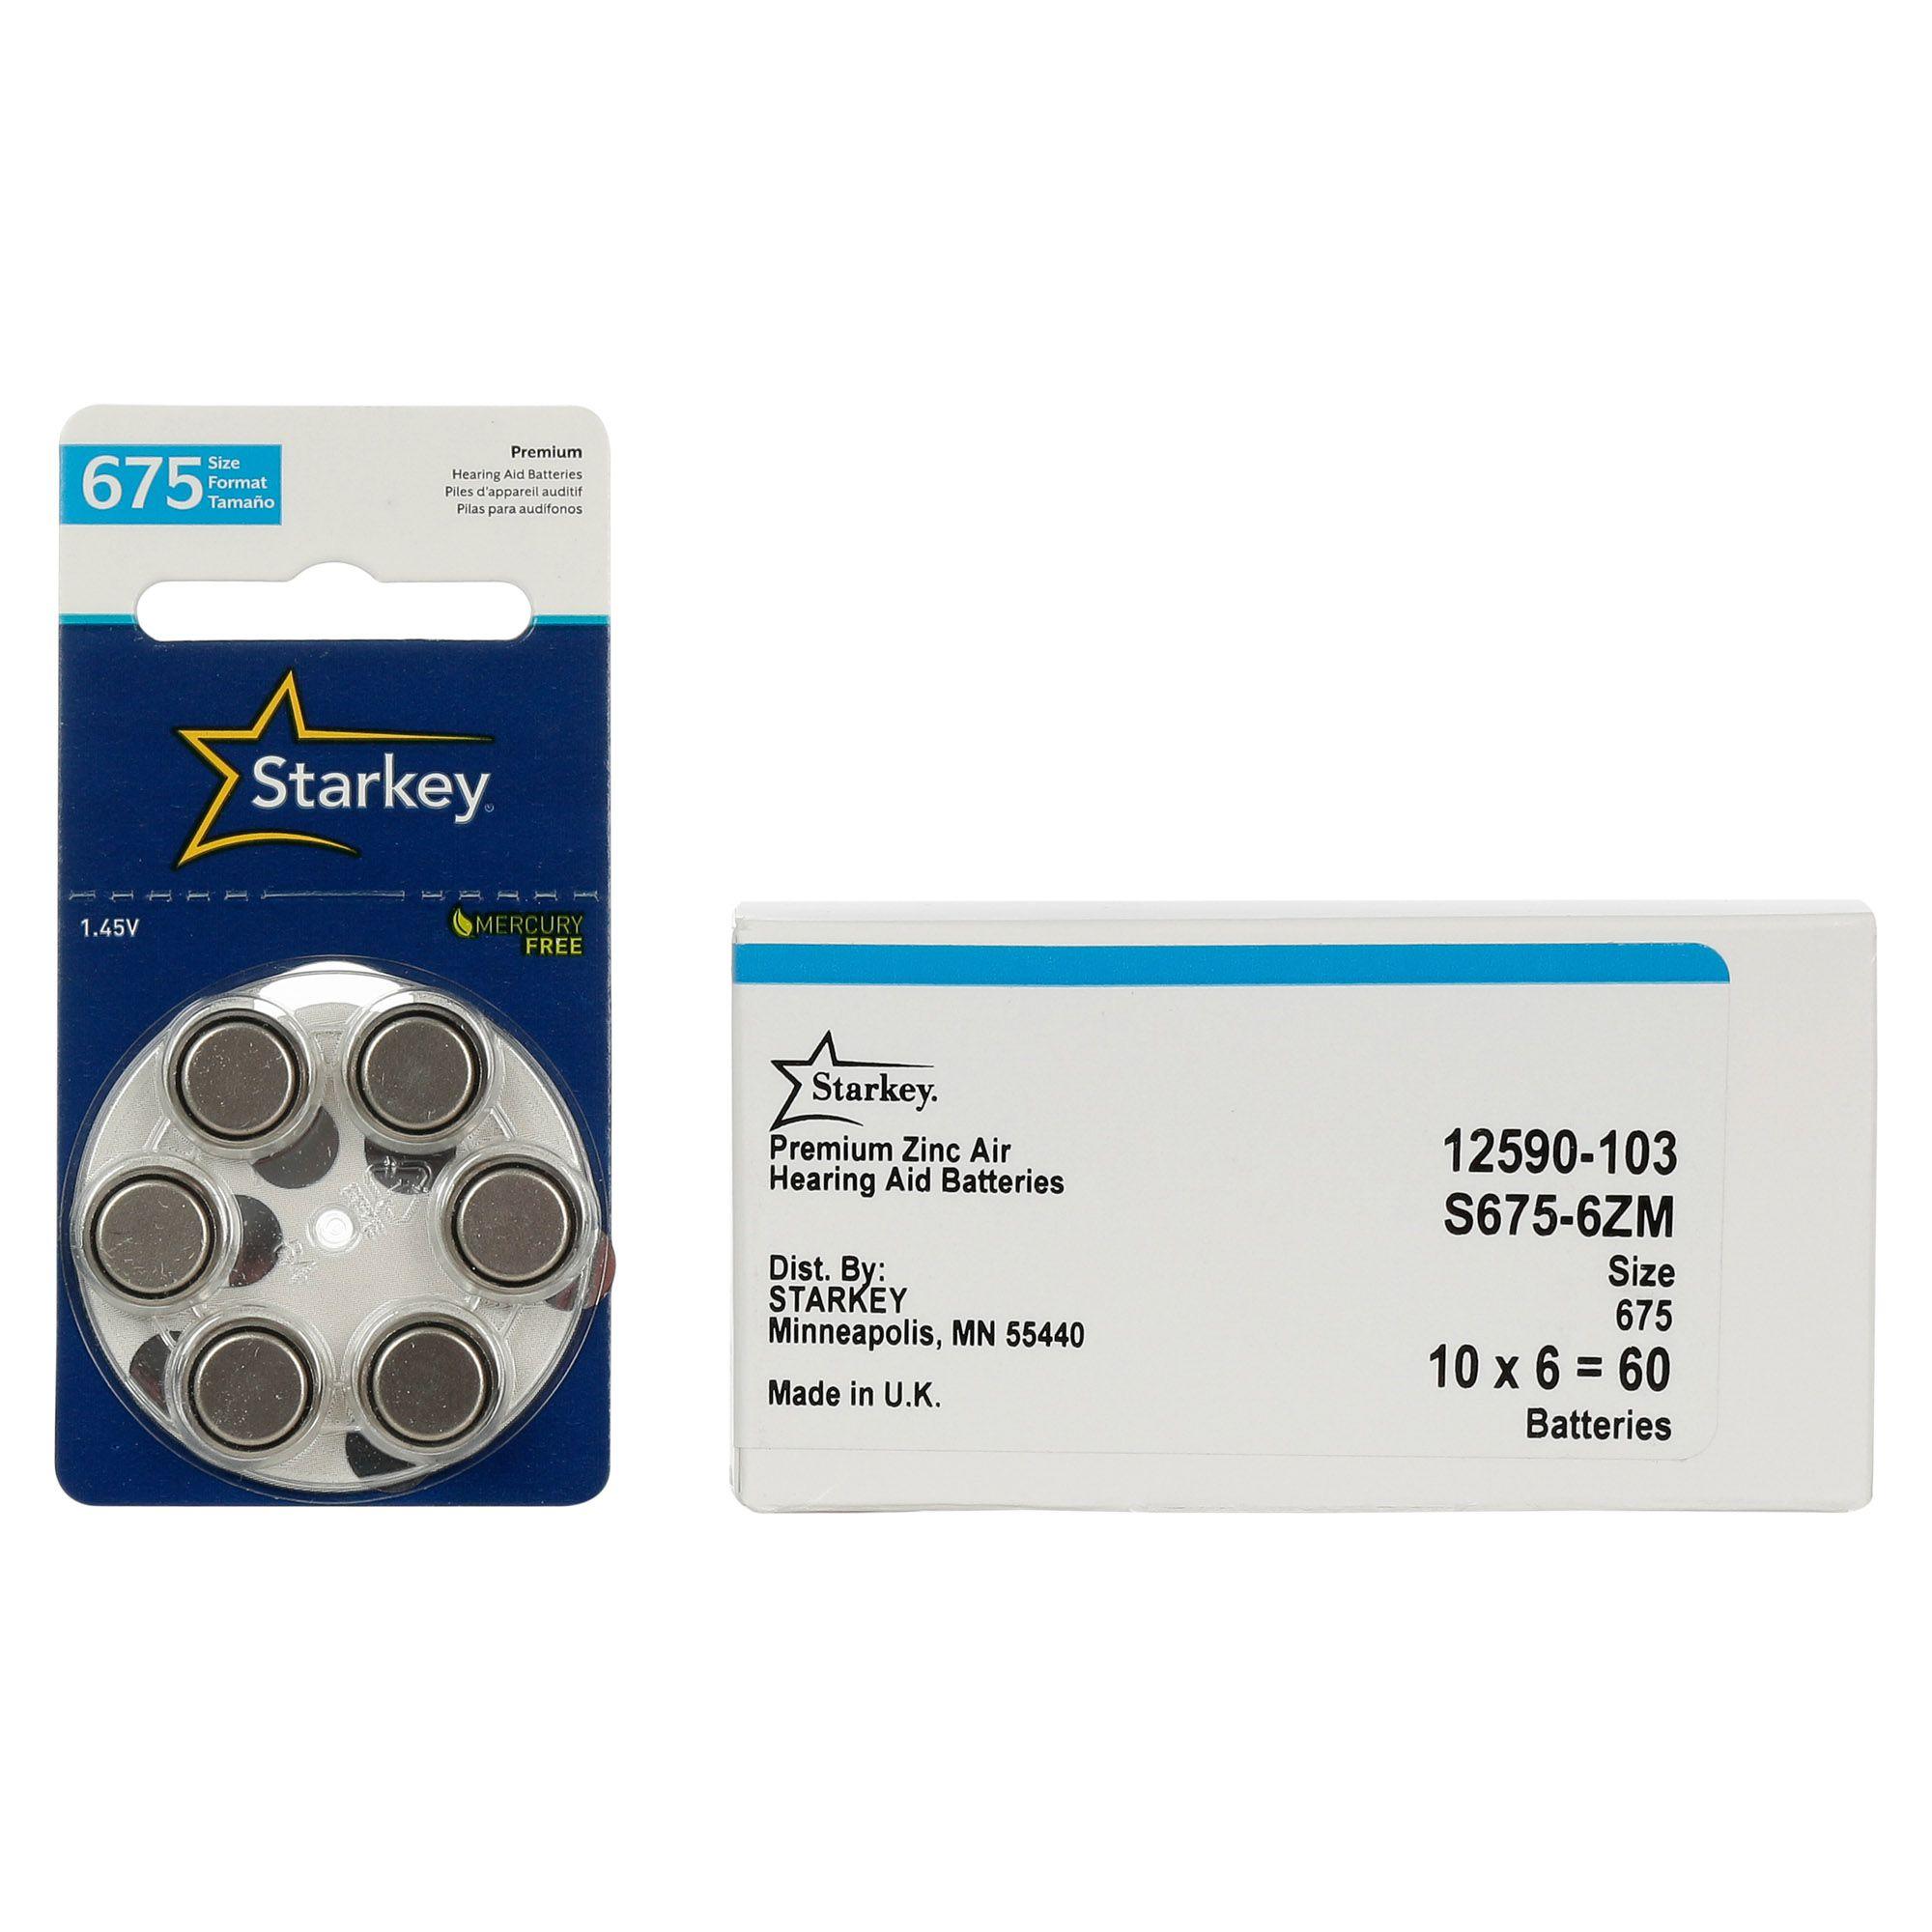 Starkey S675 / PR44 - 10 Cartelas - 60 Baterias para Aparelho Auditivo  - SONORA